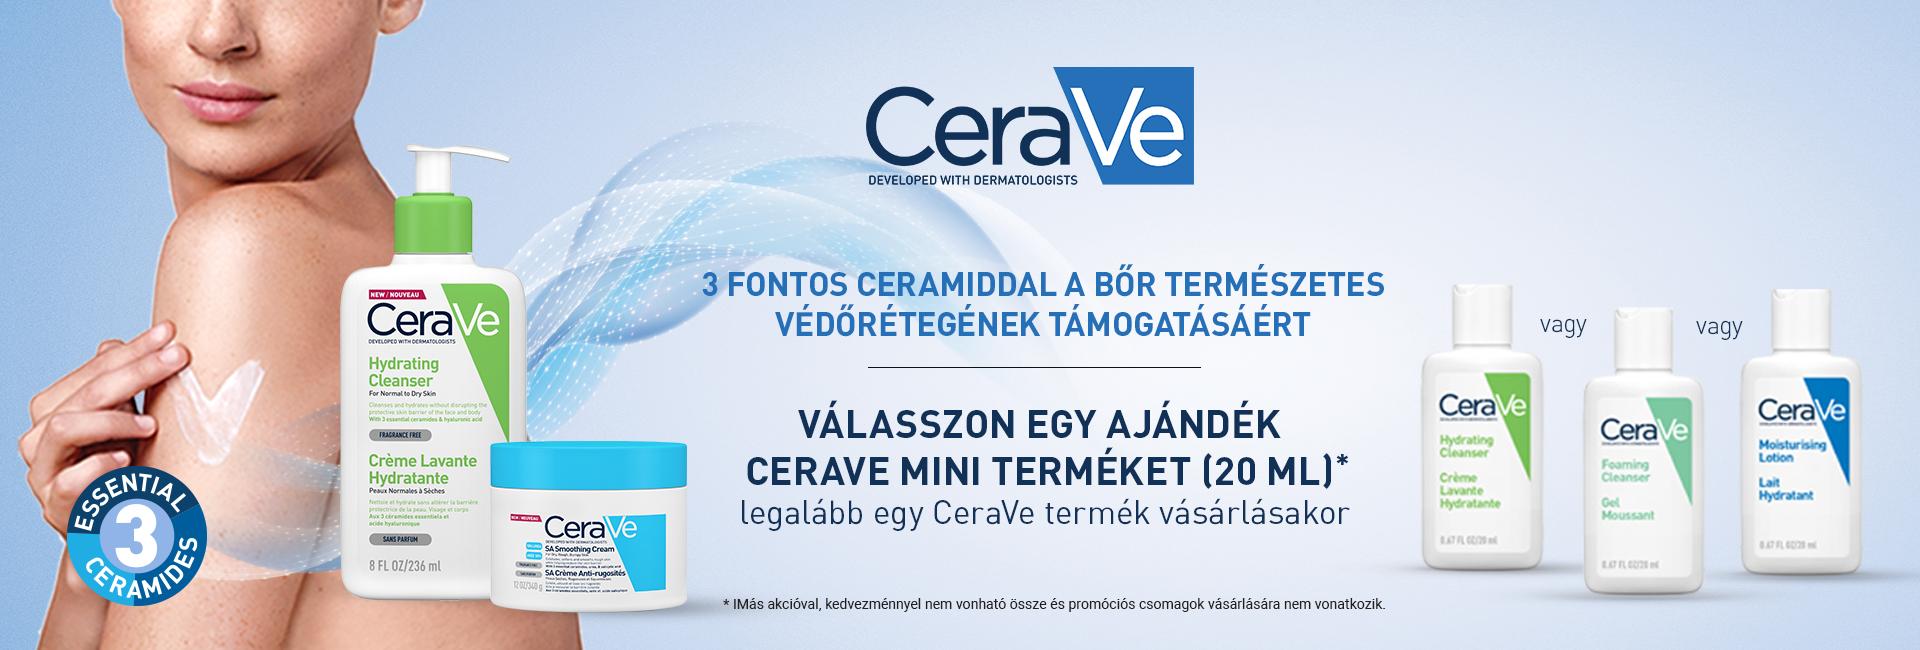 2020. július 22-31. között minden megrendelt CeraVe termék mellé 20ml-es CeraVe mini terméket adunk ajándékba 500 Ft értékben!